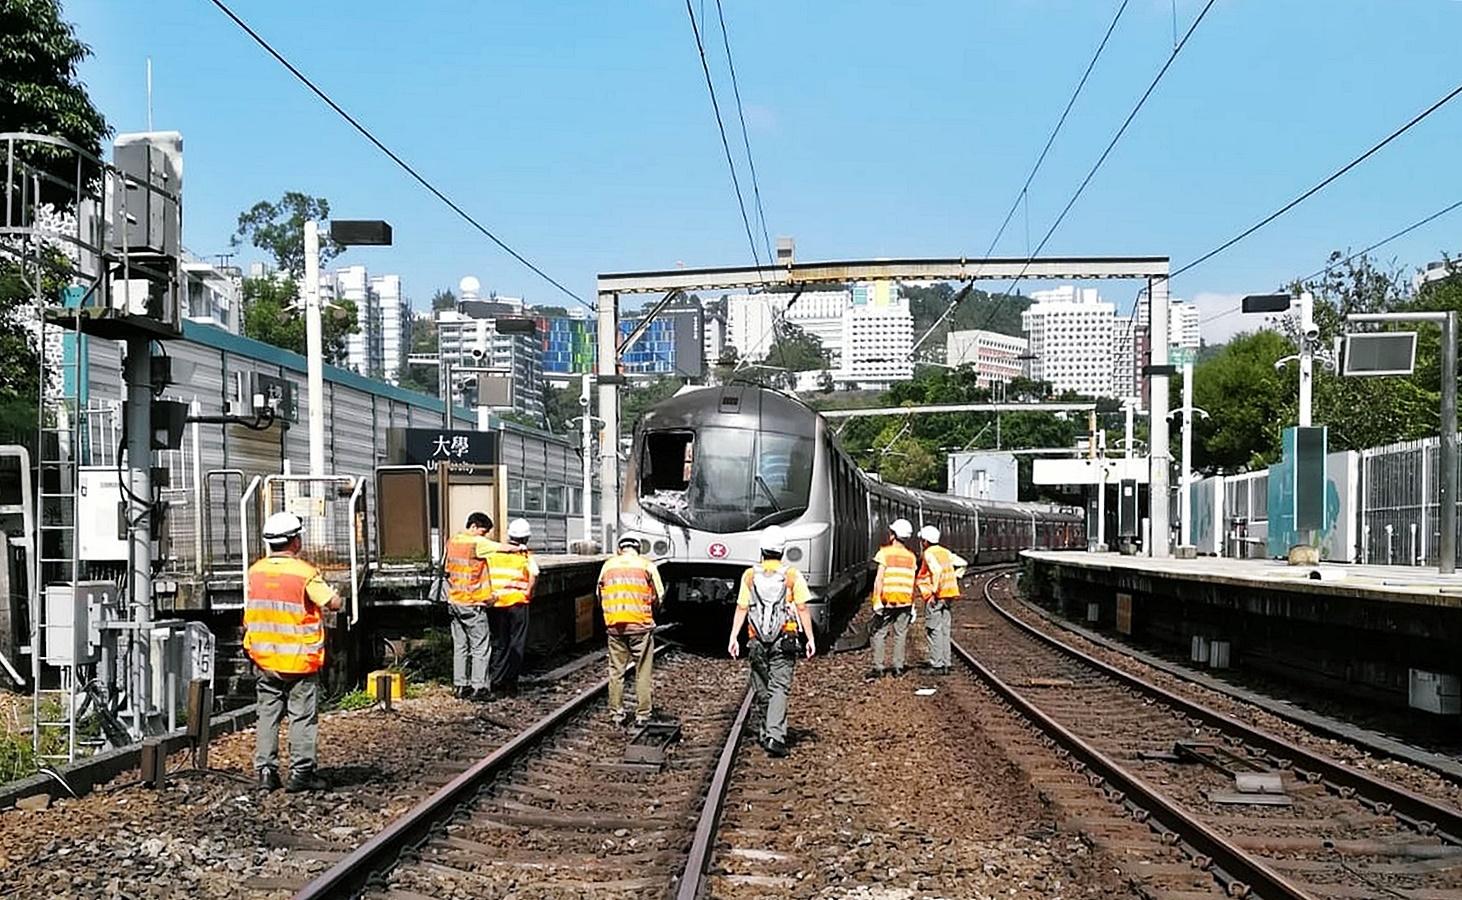 工程人員仔細檢查了火炭站至大埔墟站路段的狀況,確保行車安全後才決定恢復行車。資料圖片